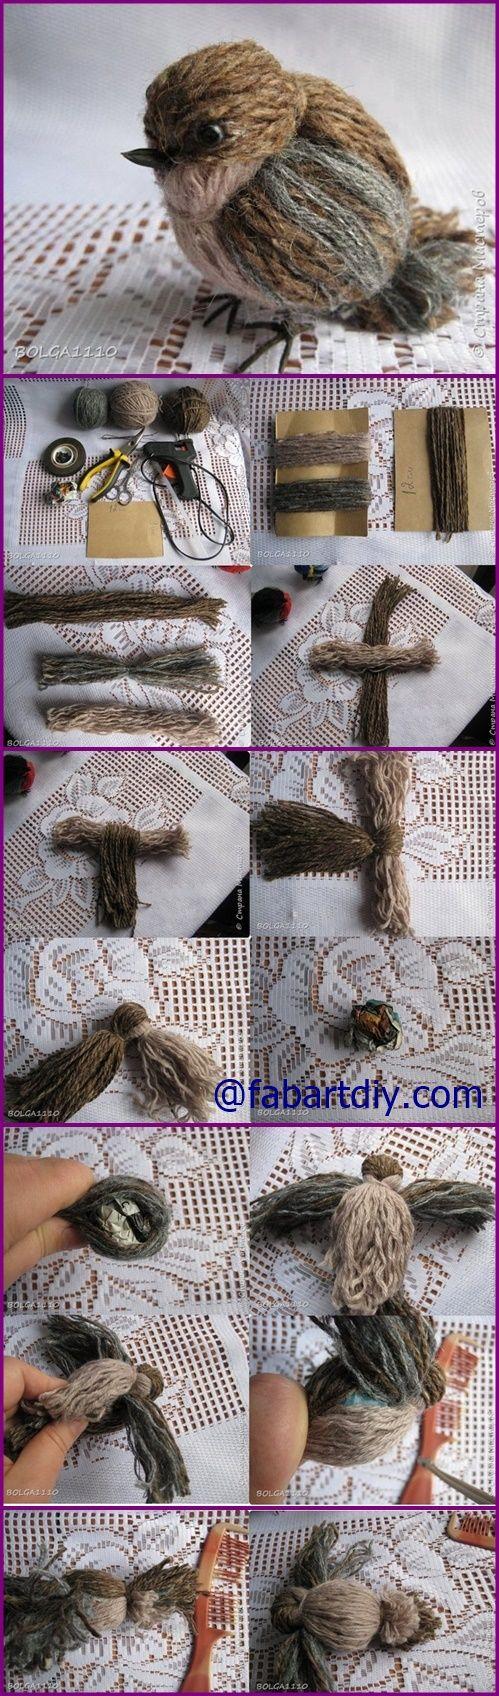 How to DIY Cute Yarn Birdie | www.FabArtDIY.com #Crafts, #Yarn Video Included=> http://www.fabartdiy.com/how-to-diy-cute-yarn-birdie/: